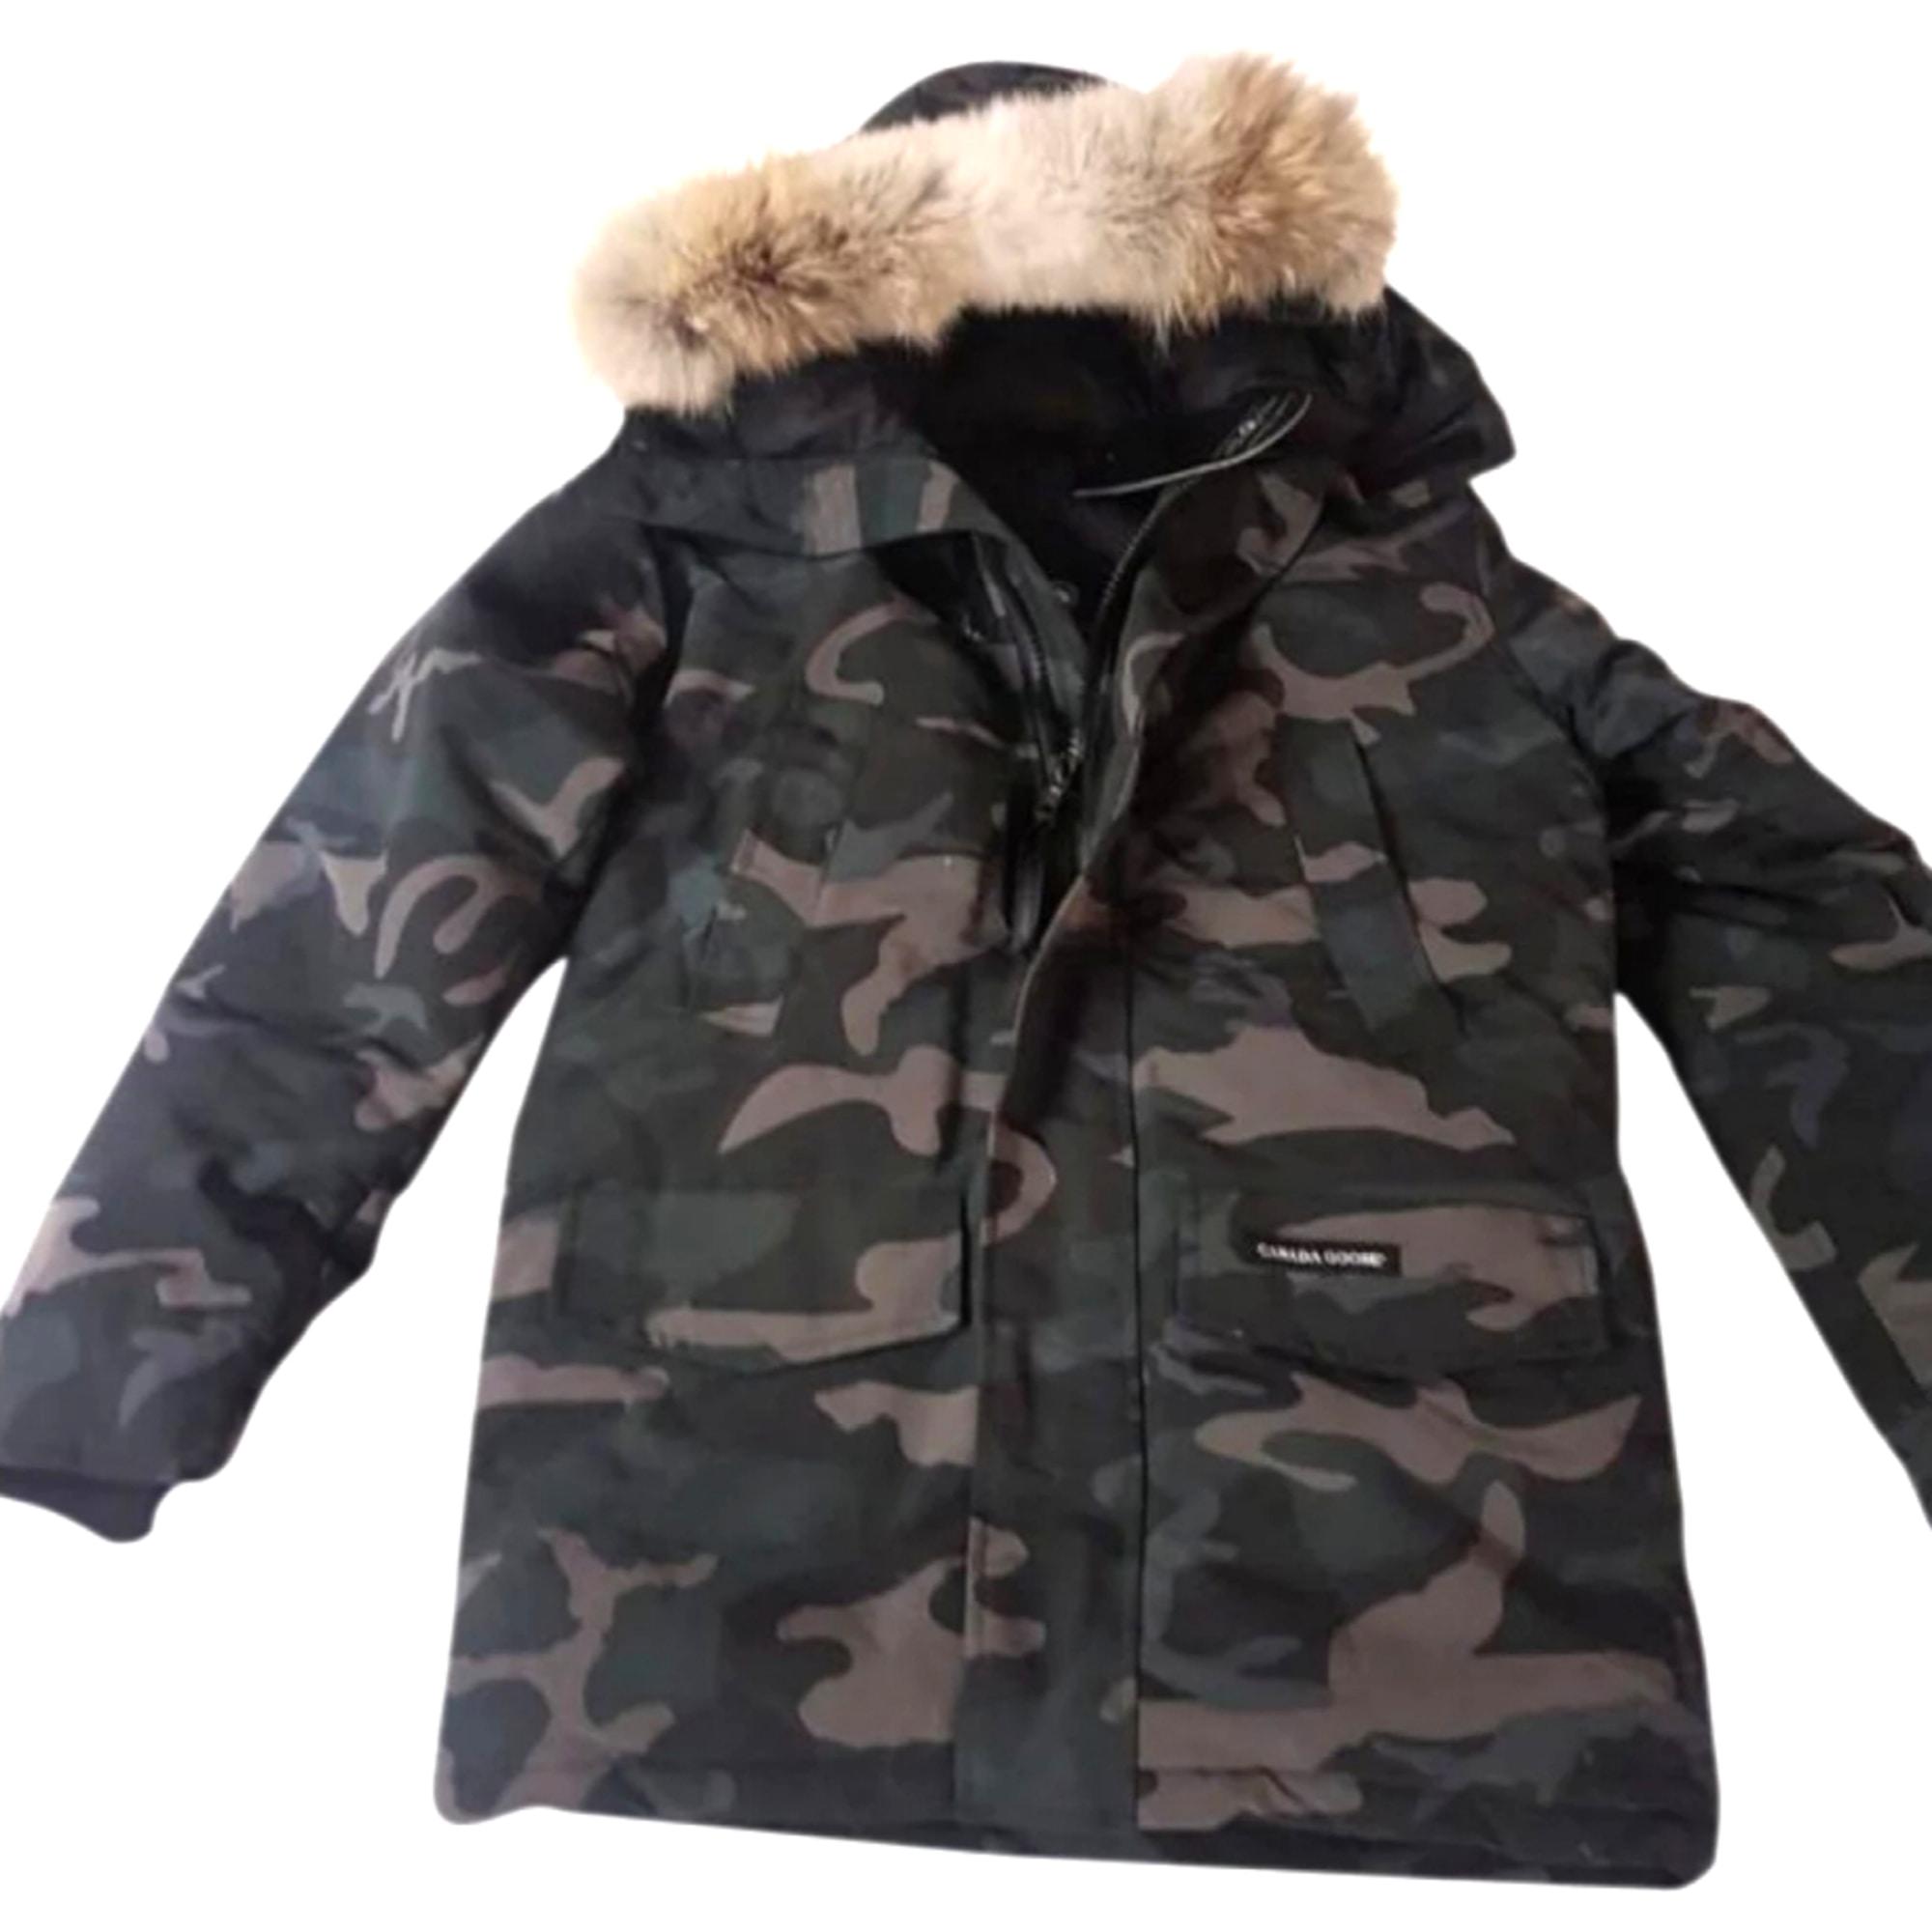 Doudoune CANADA GOOSE camouflage